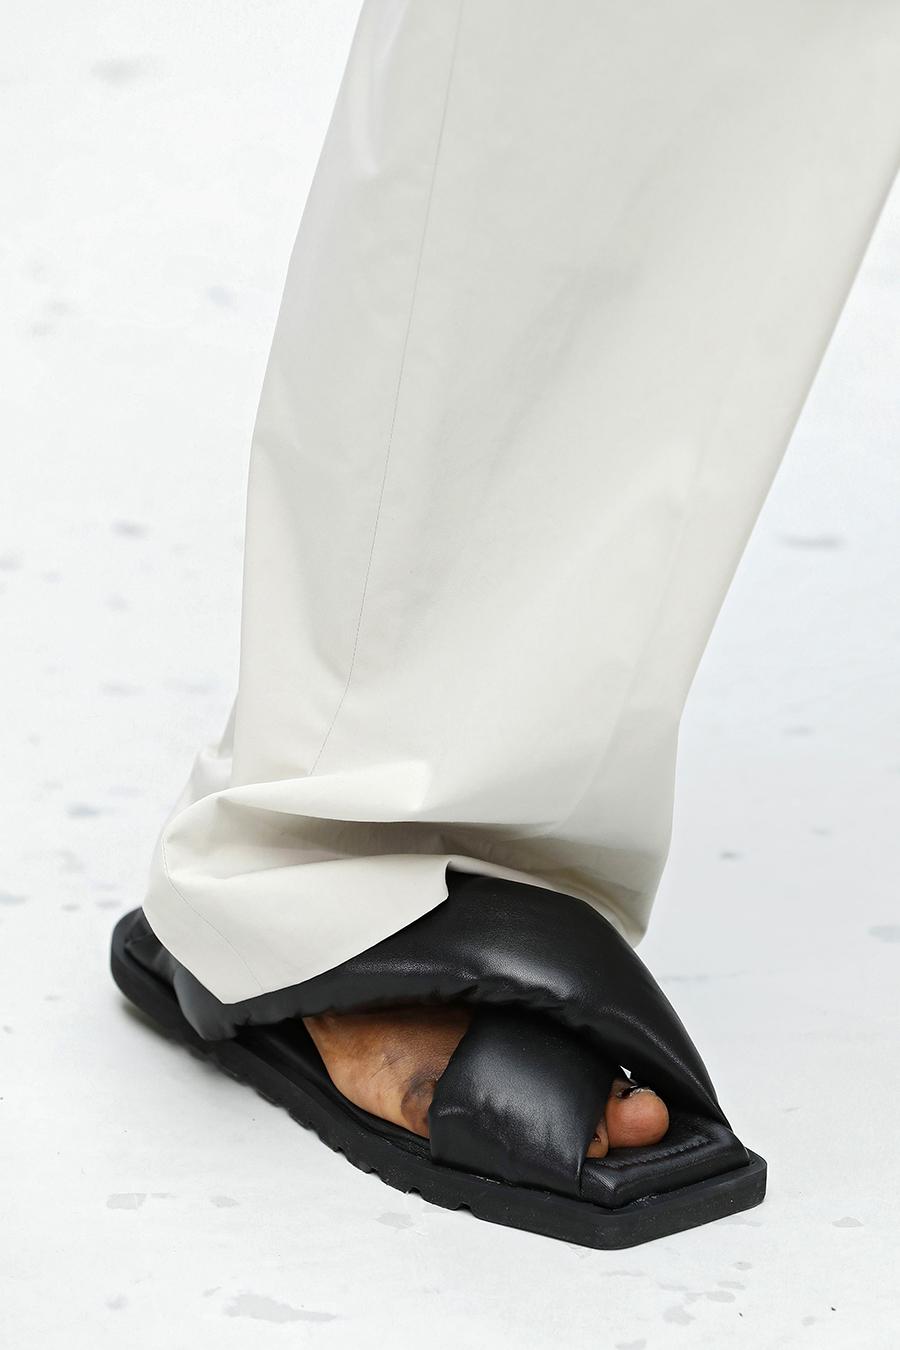 модная обувь лето 2021 на низком ходу плоская подошва без каблука женская шлепанцы дутые черные